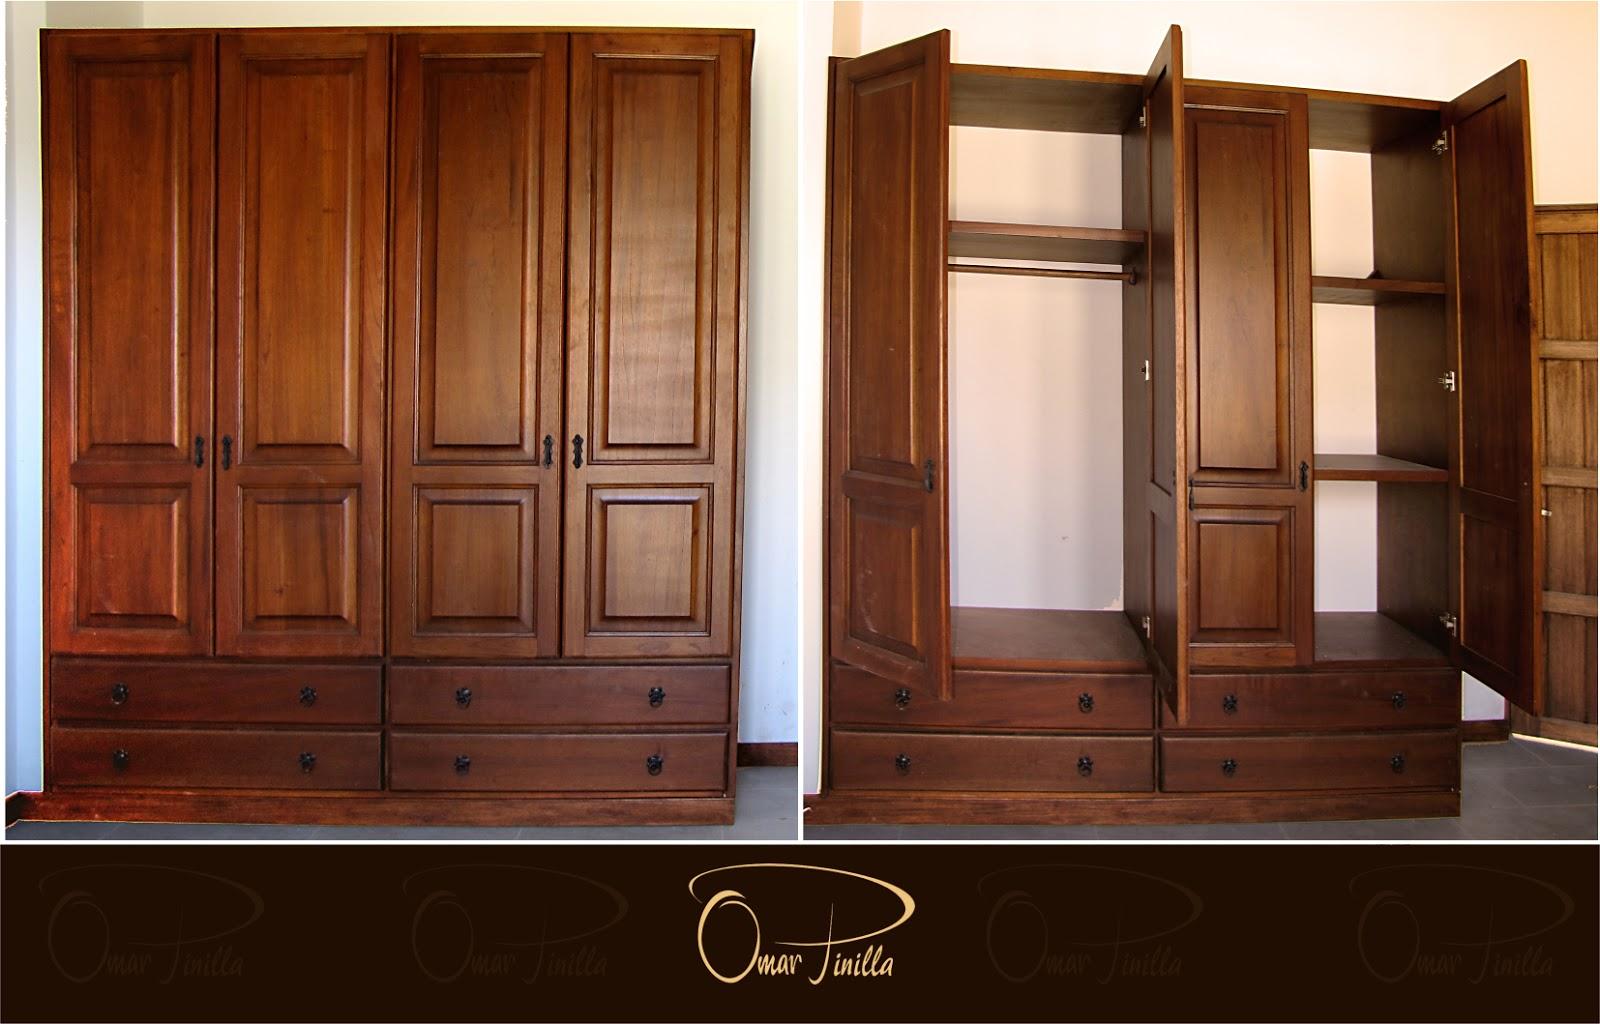 Muebles Omar Pinilla: CLOSET - OTROS MUEBLES